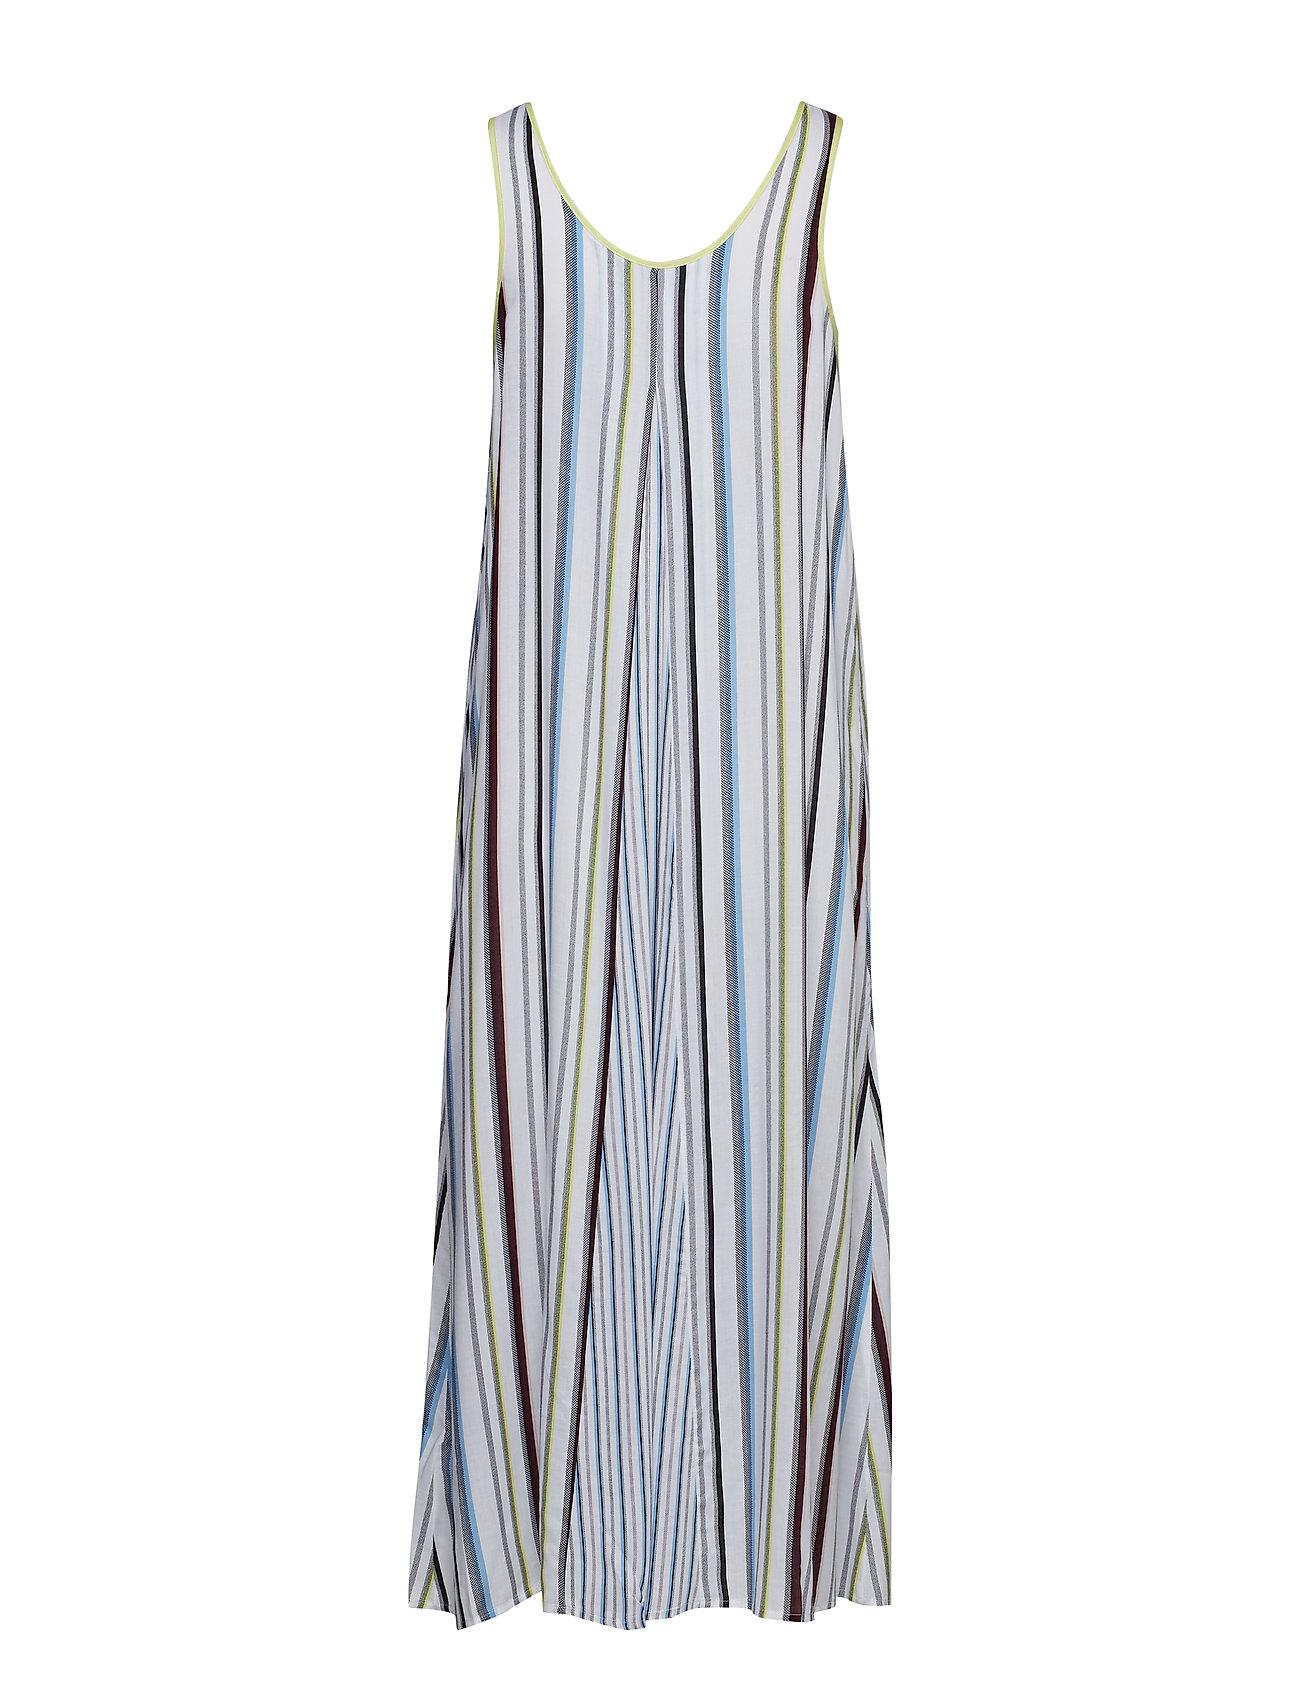 Easy Chemisewhite Does It Dkny StripeHomewear Maxi kXiOPZu